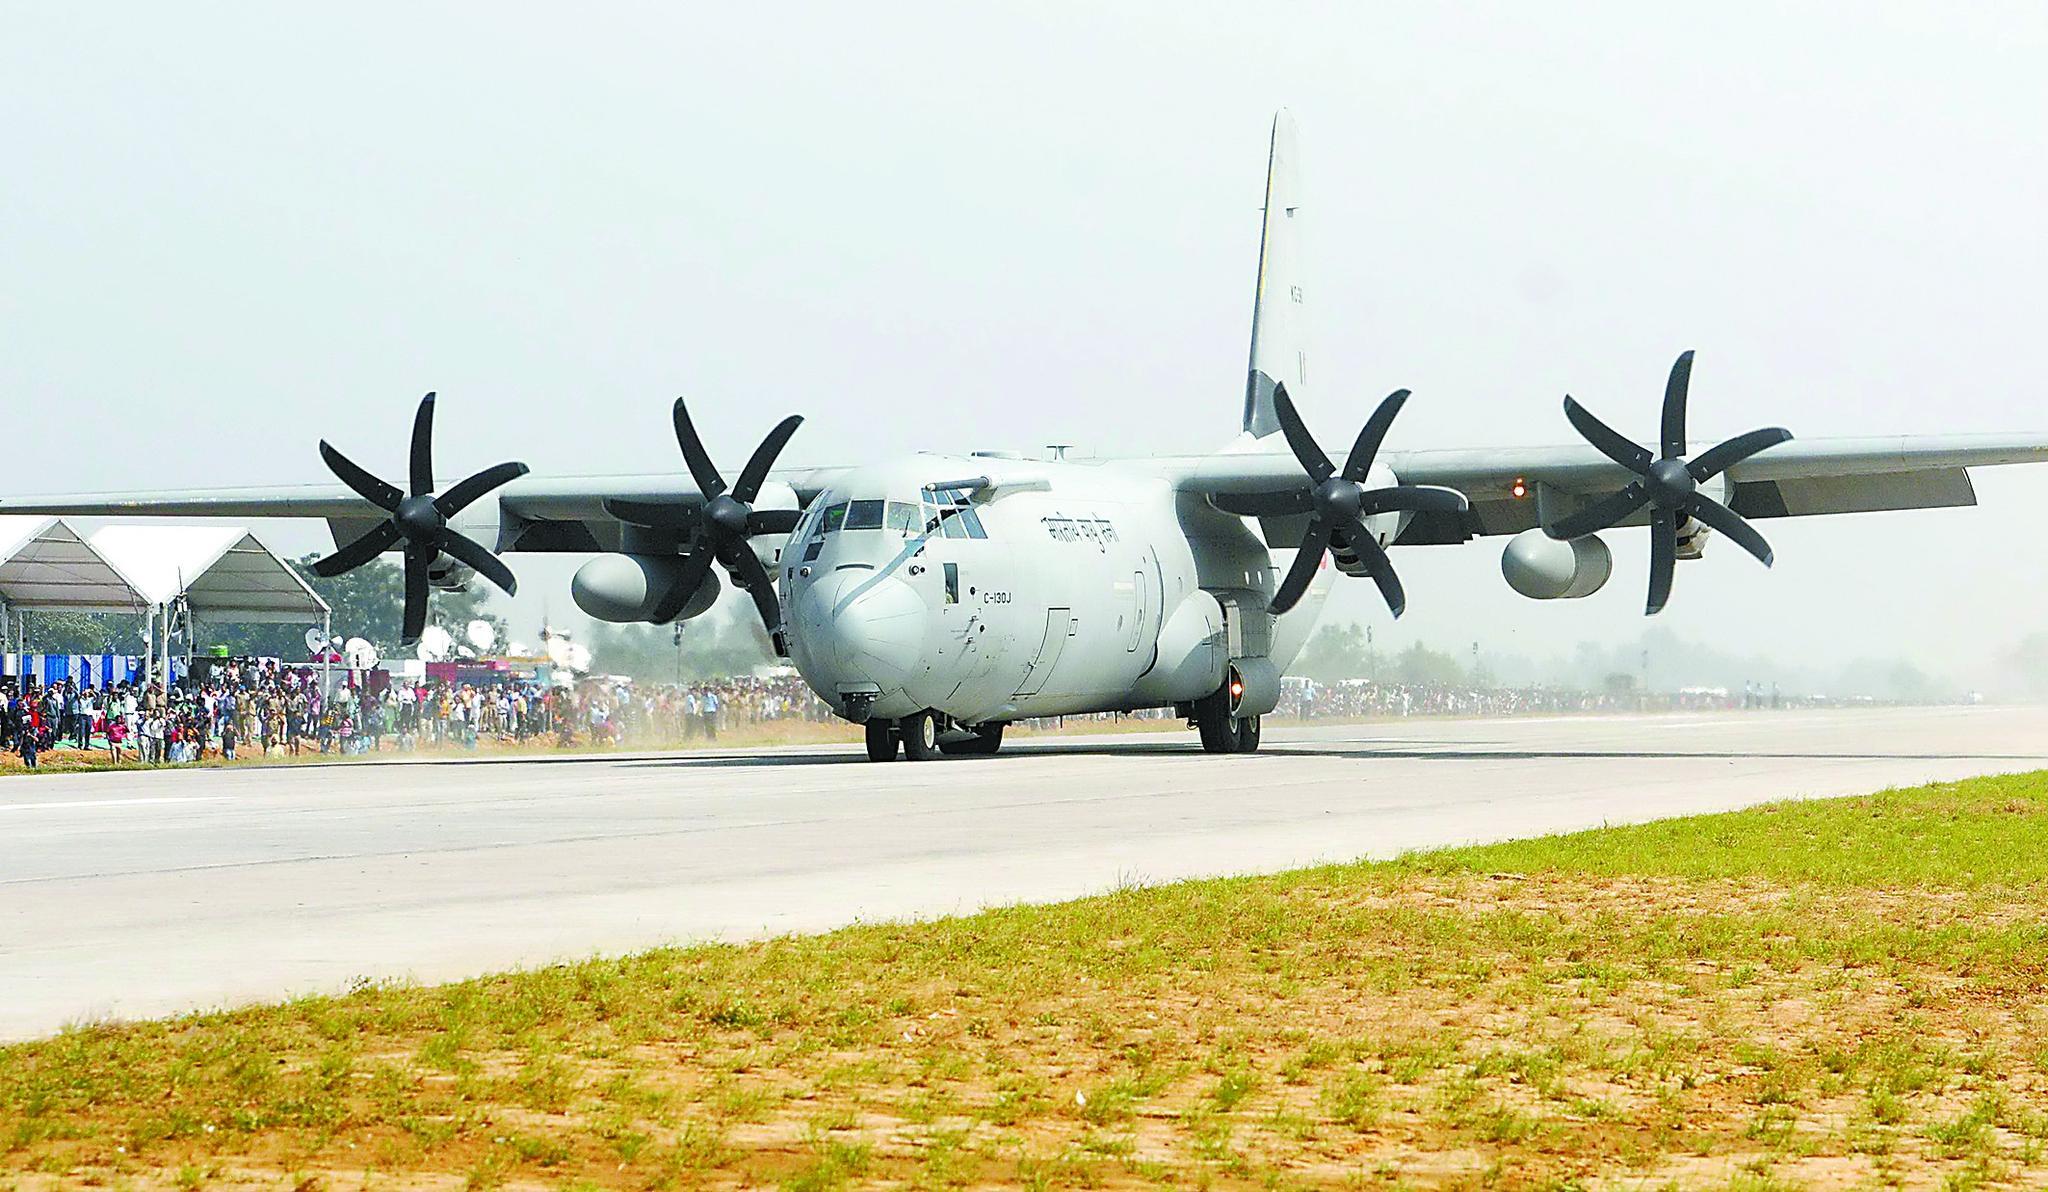 印多型战机演练公路起降 中国空军早已具备类似能力